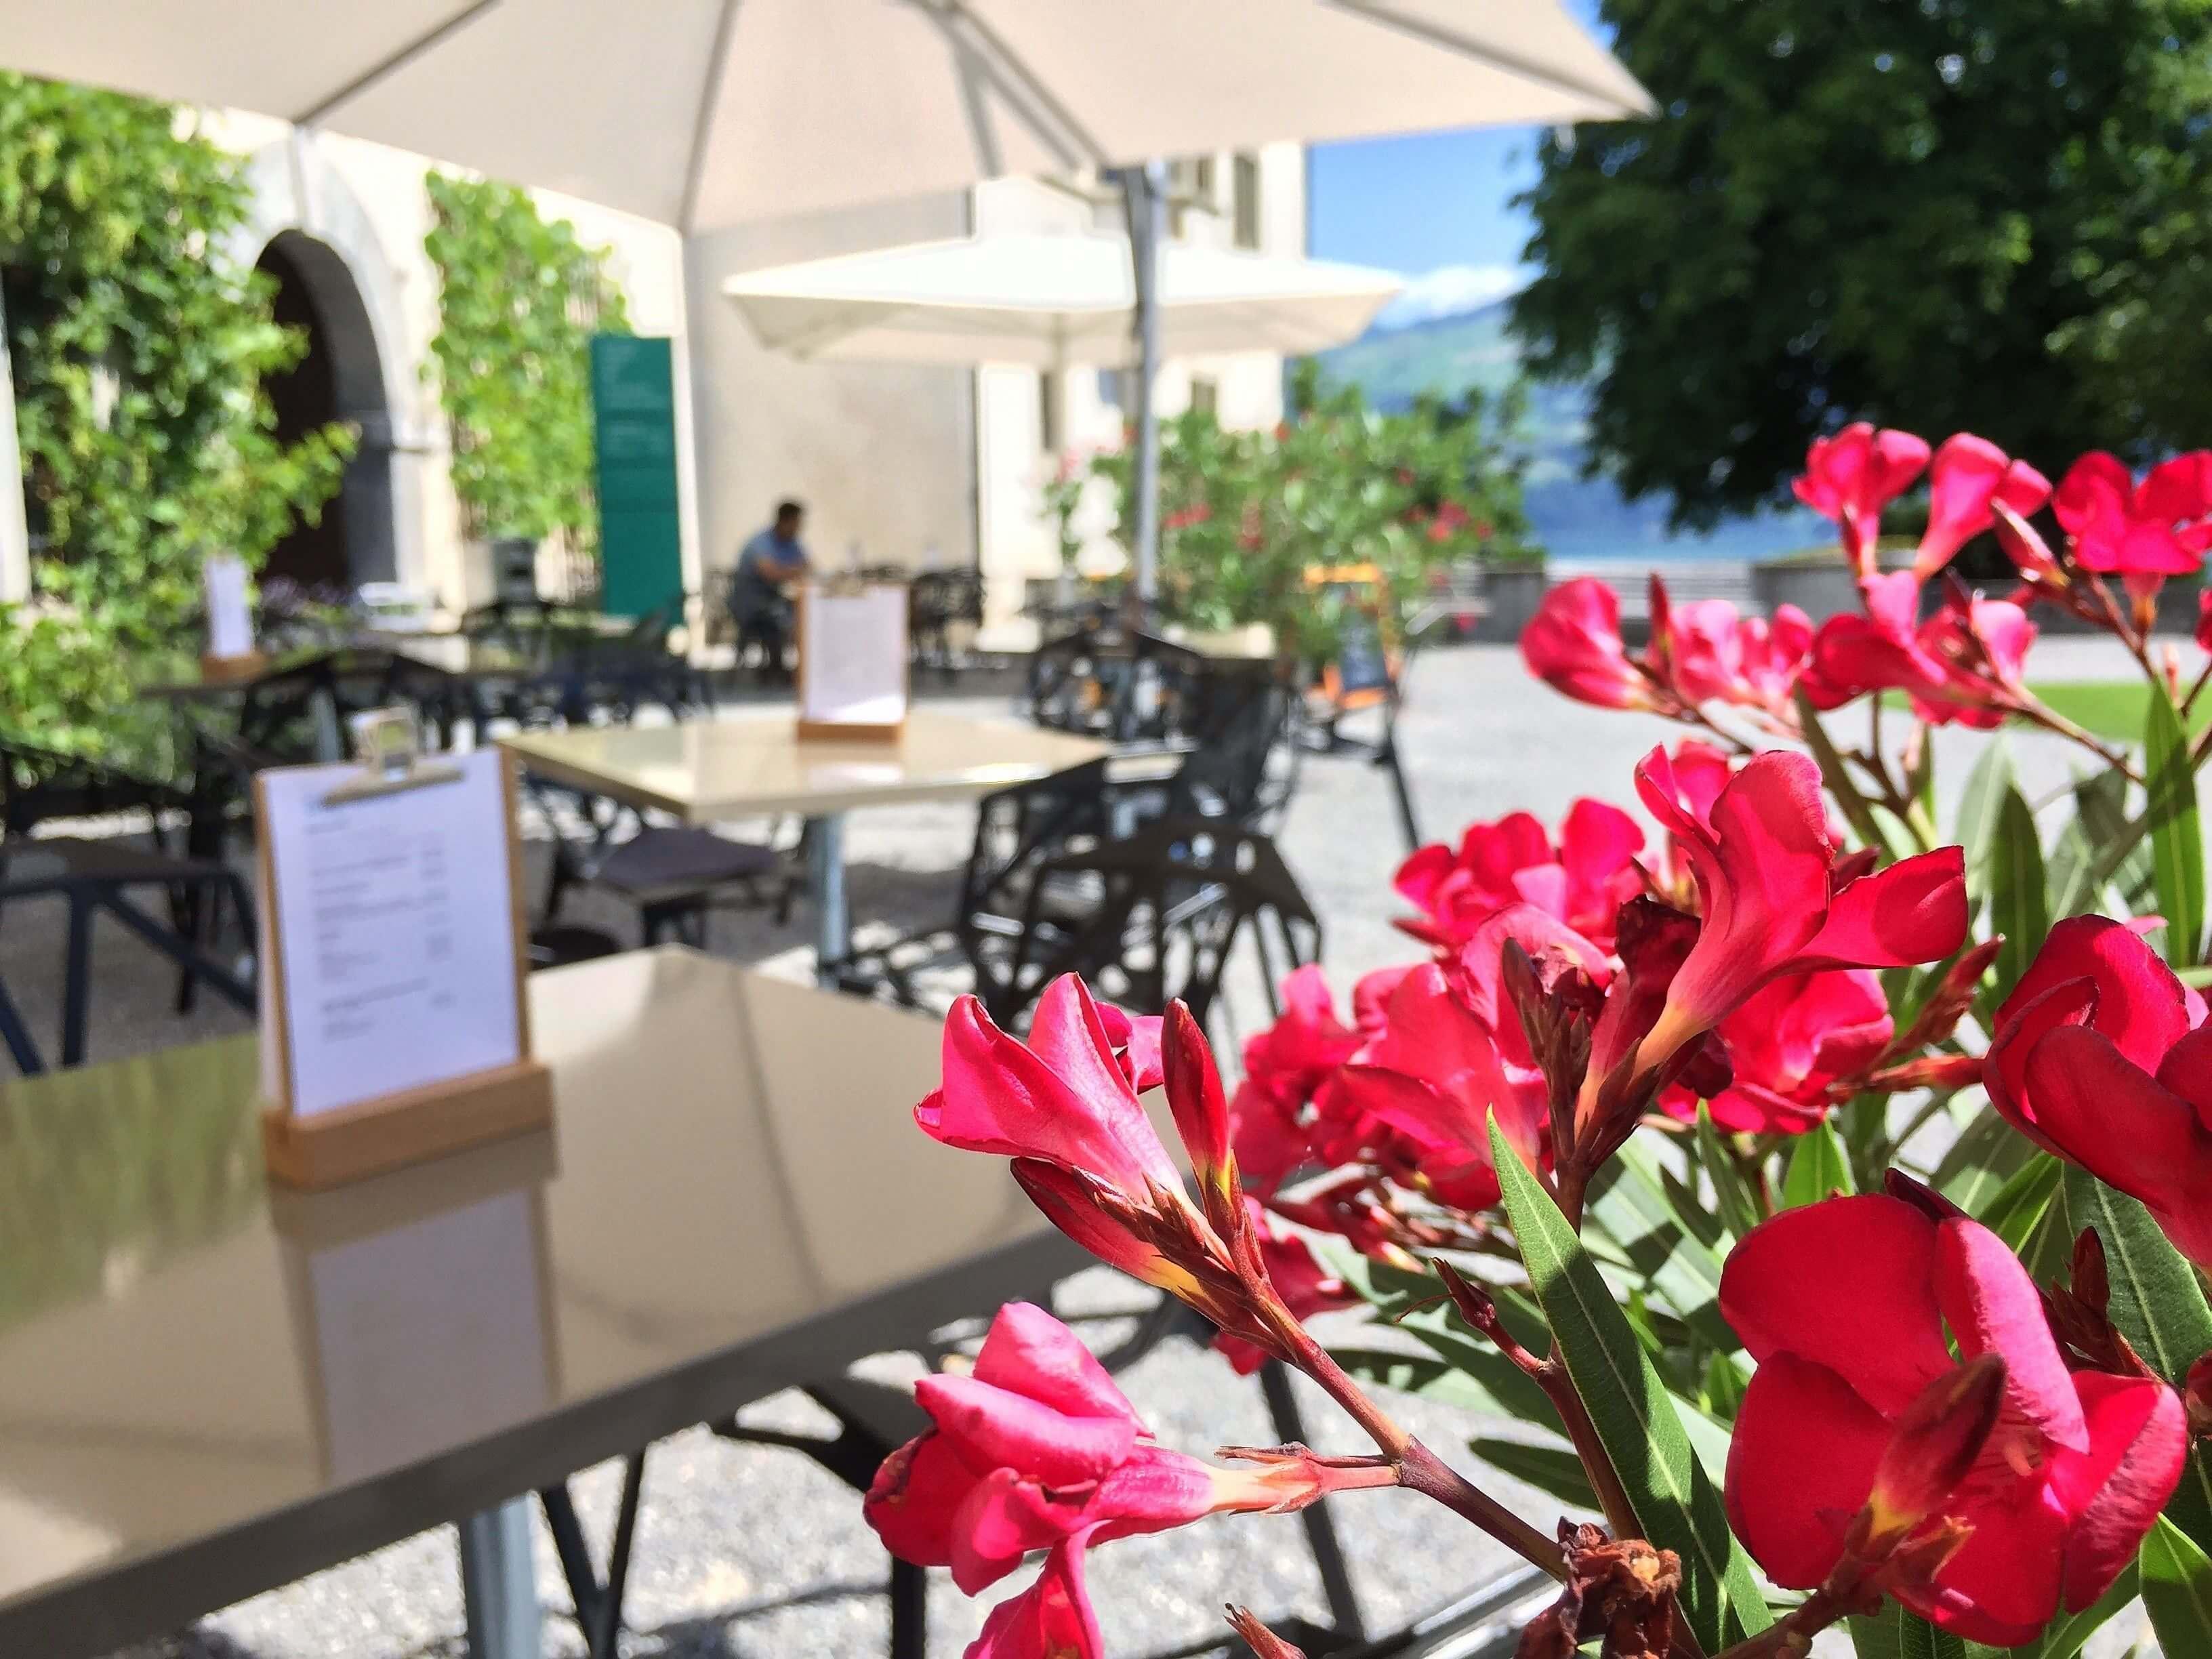 schloss-café-terrasse-blumen-spiez.jpeg